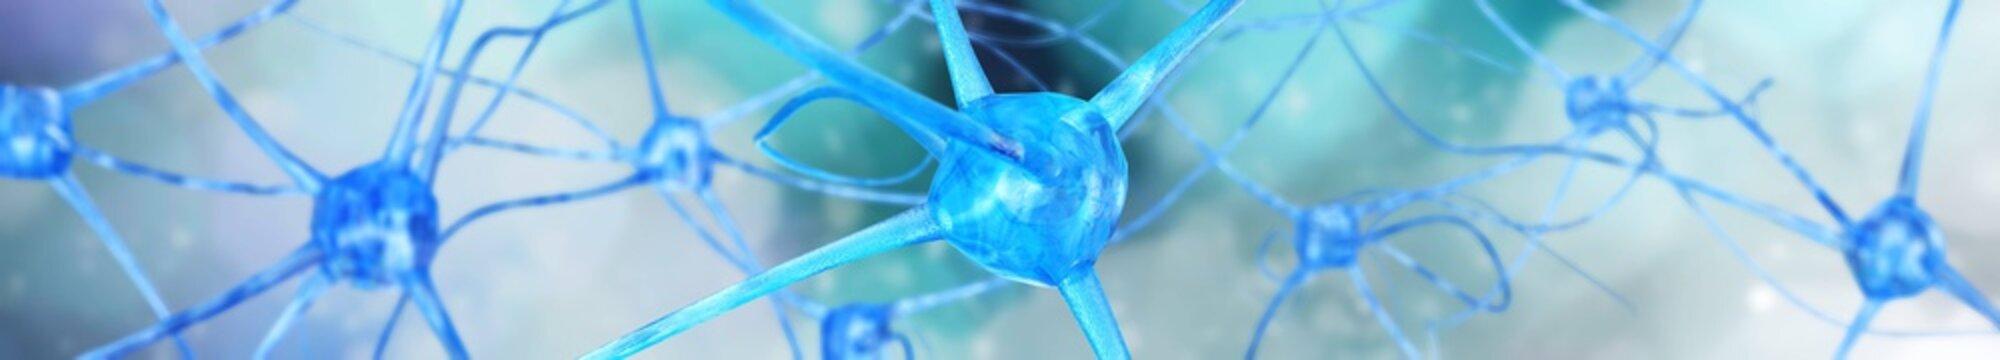 neuron, neural network, nerve node, nervous system, 3D rendering